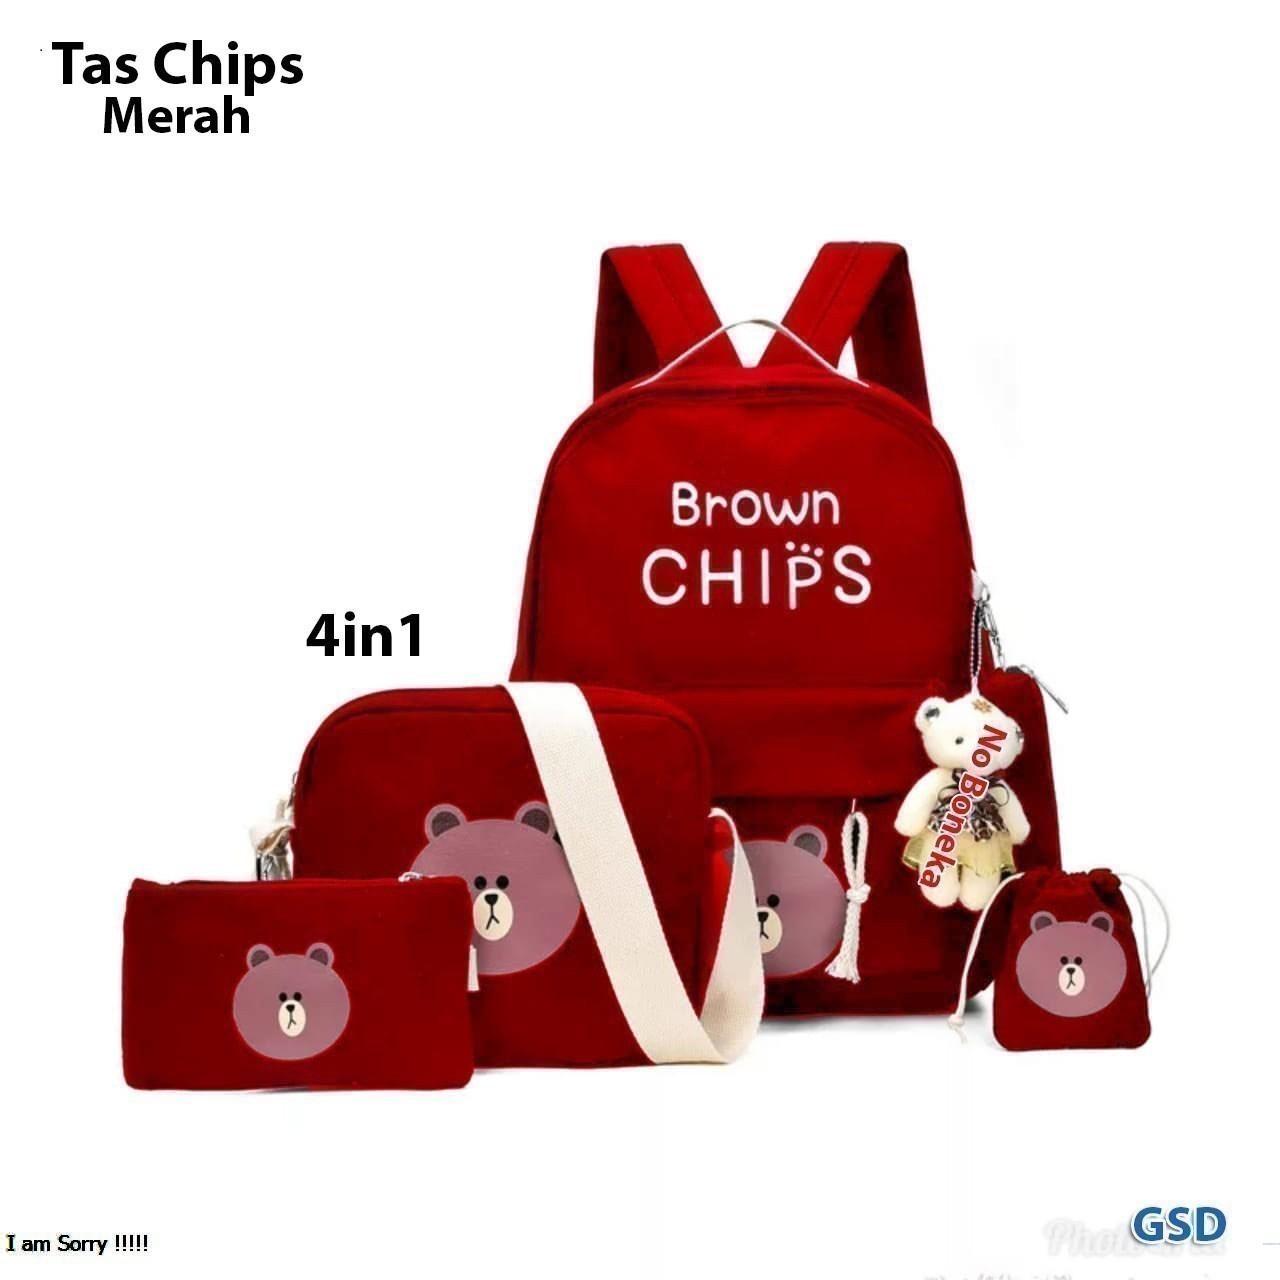 NCR - Tas Anak Perempuan   Tas Sekolah   Tas Ransel Anak   Tas Chips 4in1 224519ef42